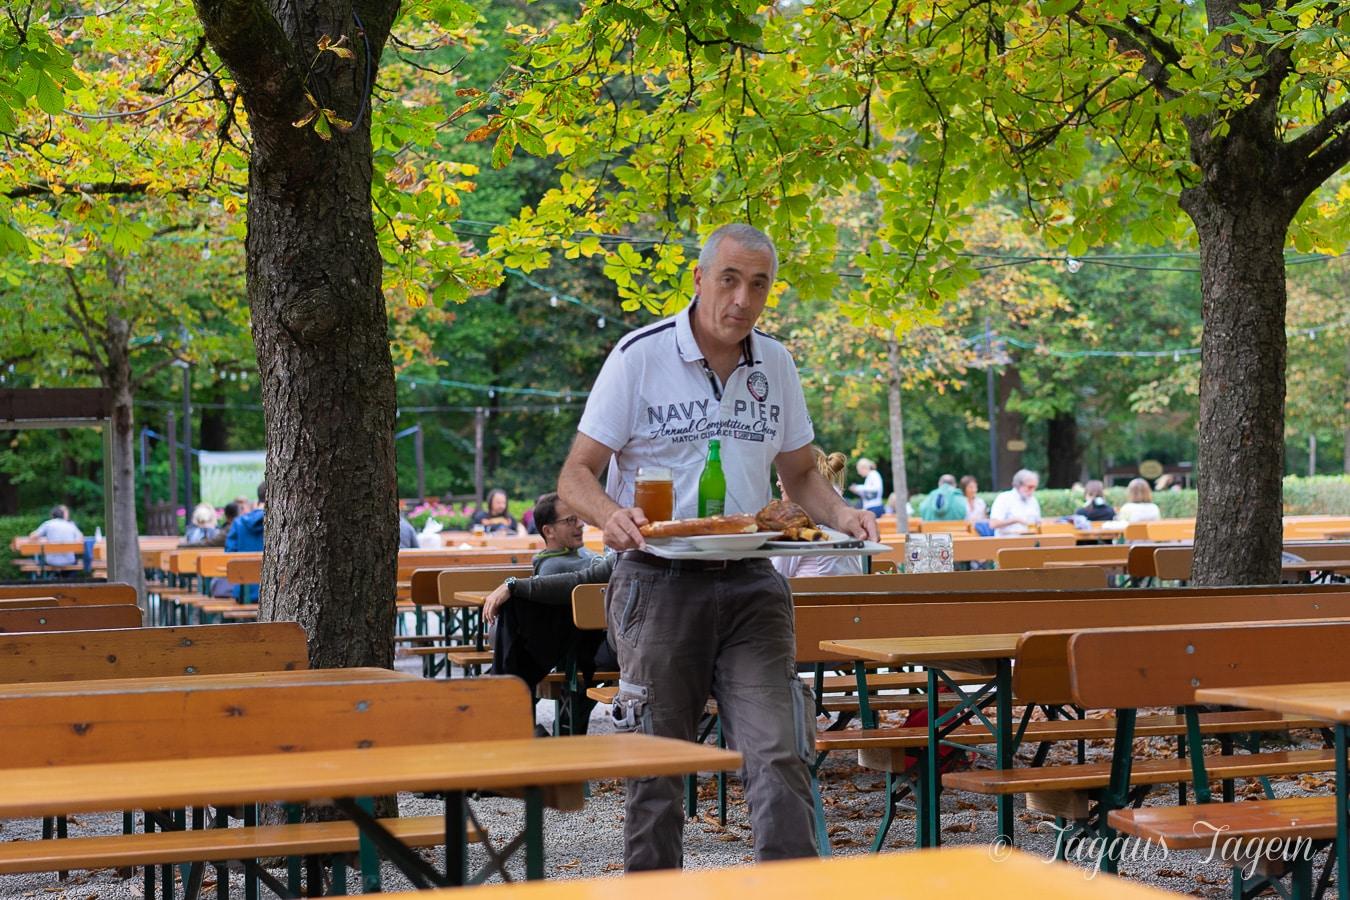 Mit dem Wohnmobil nach München – mit Biergarten & Haxen